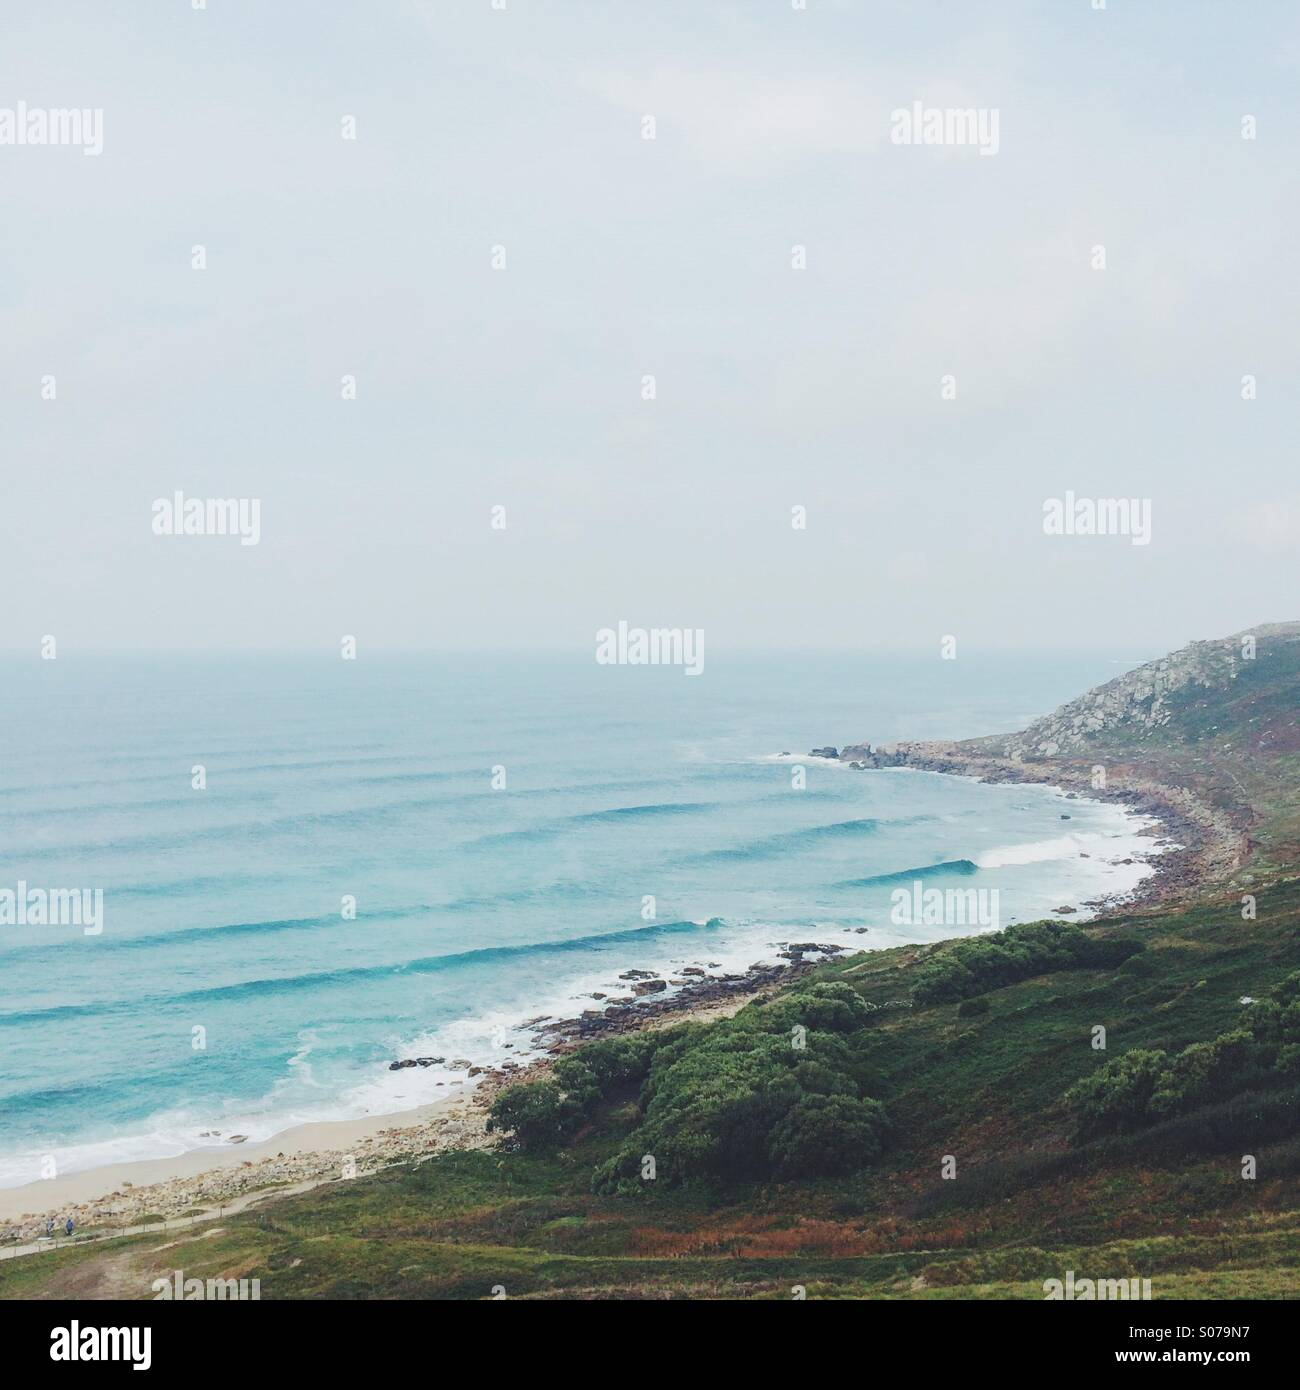 Wellen in einem felsigen Ufer und Landzunge. Stockbild